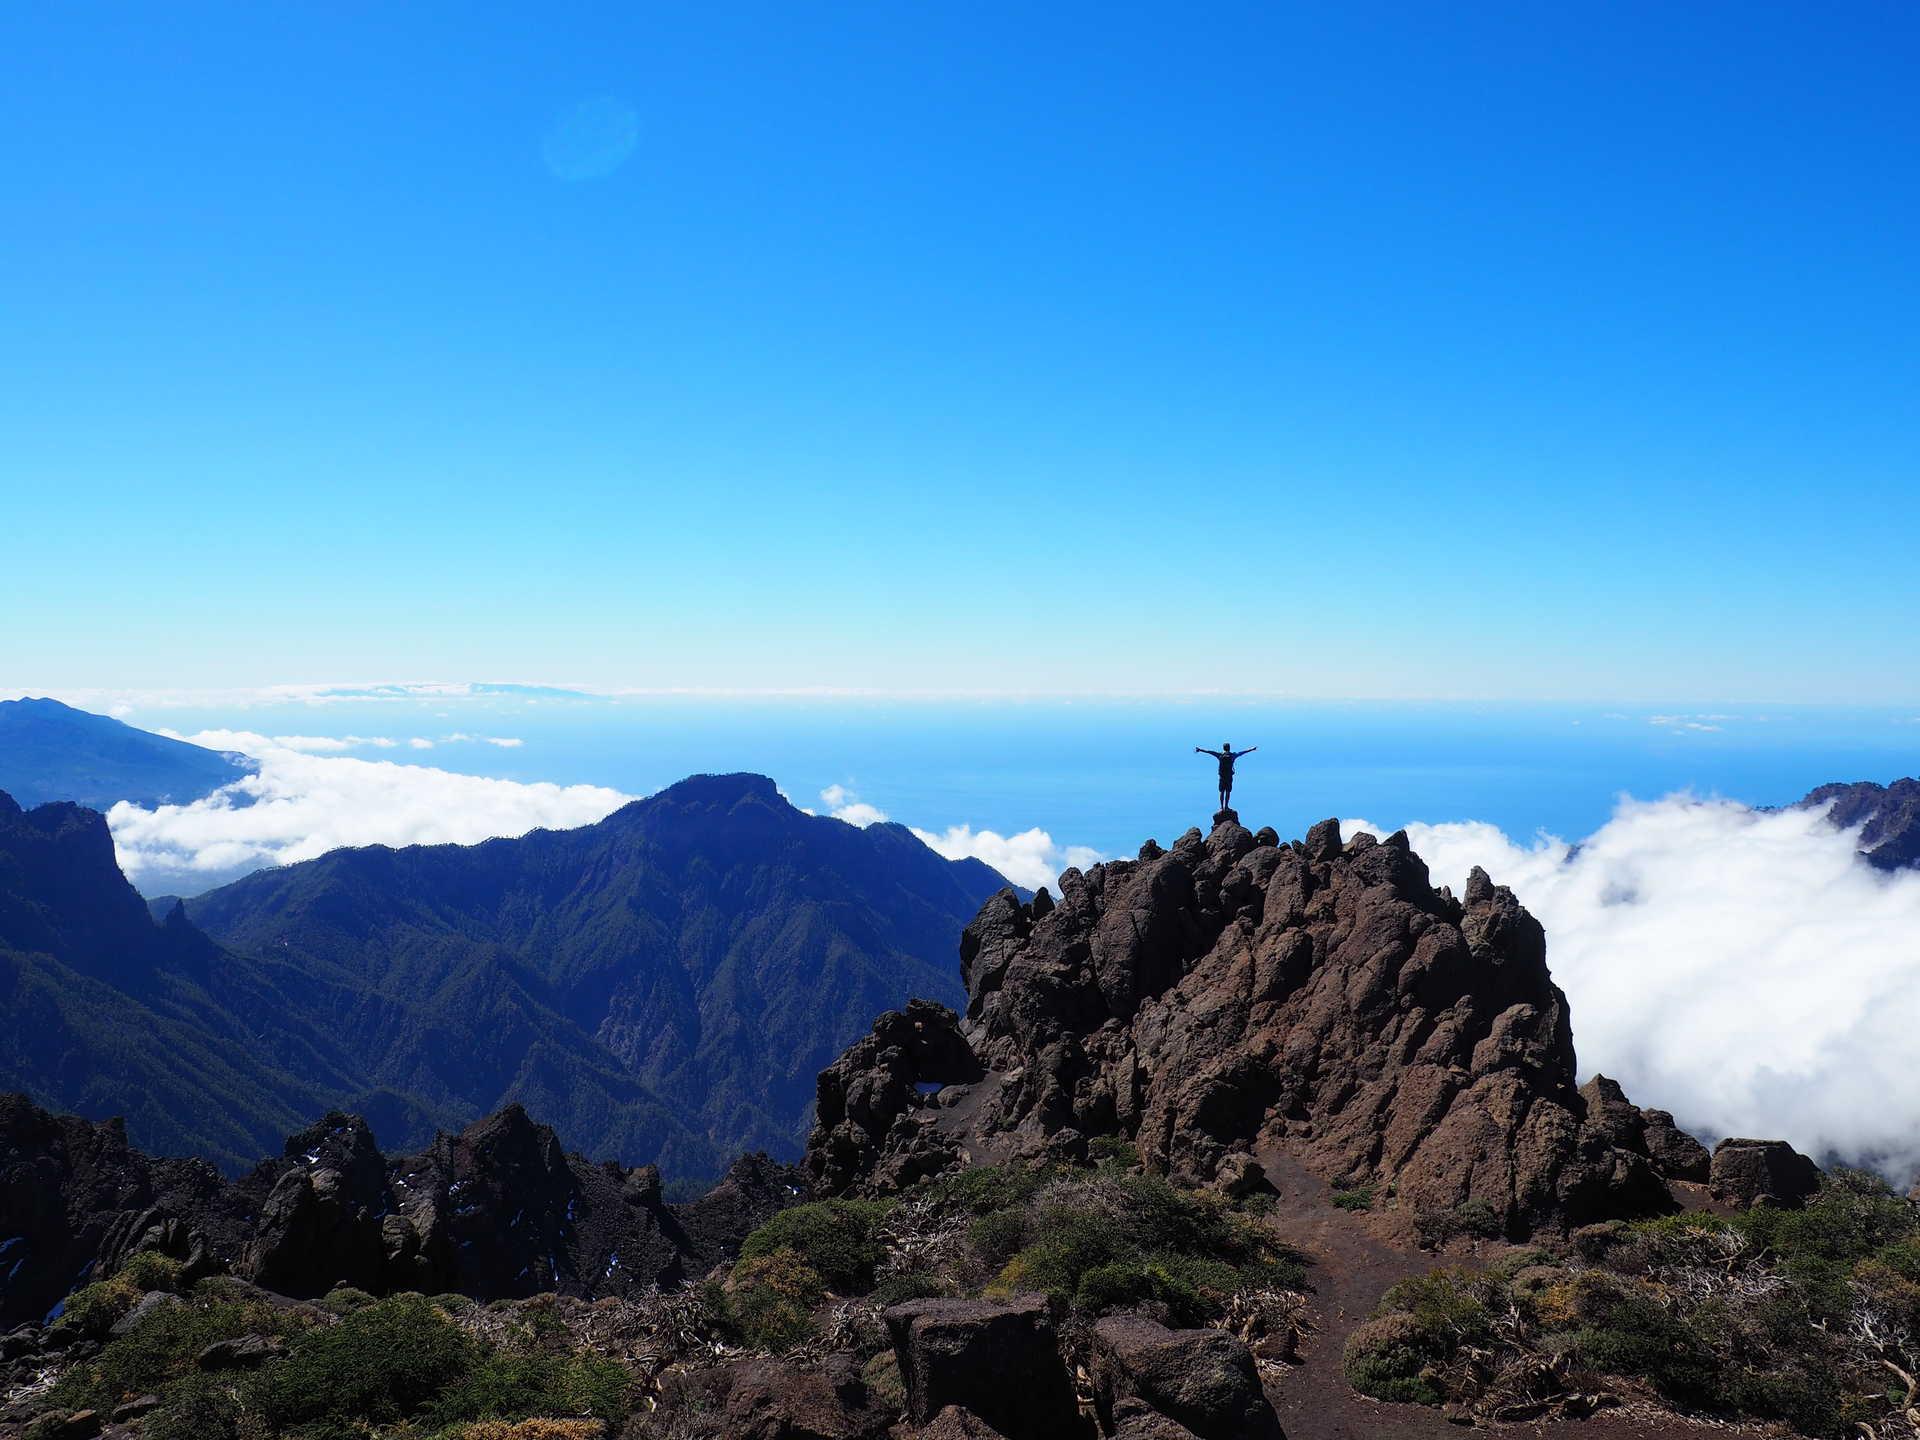 Roque de los muchachos in La Palma